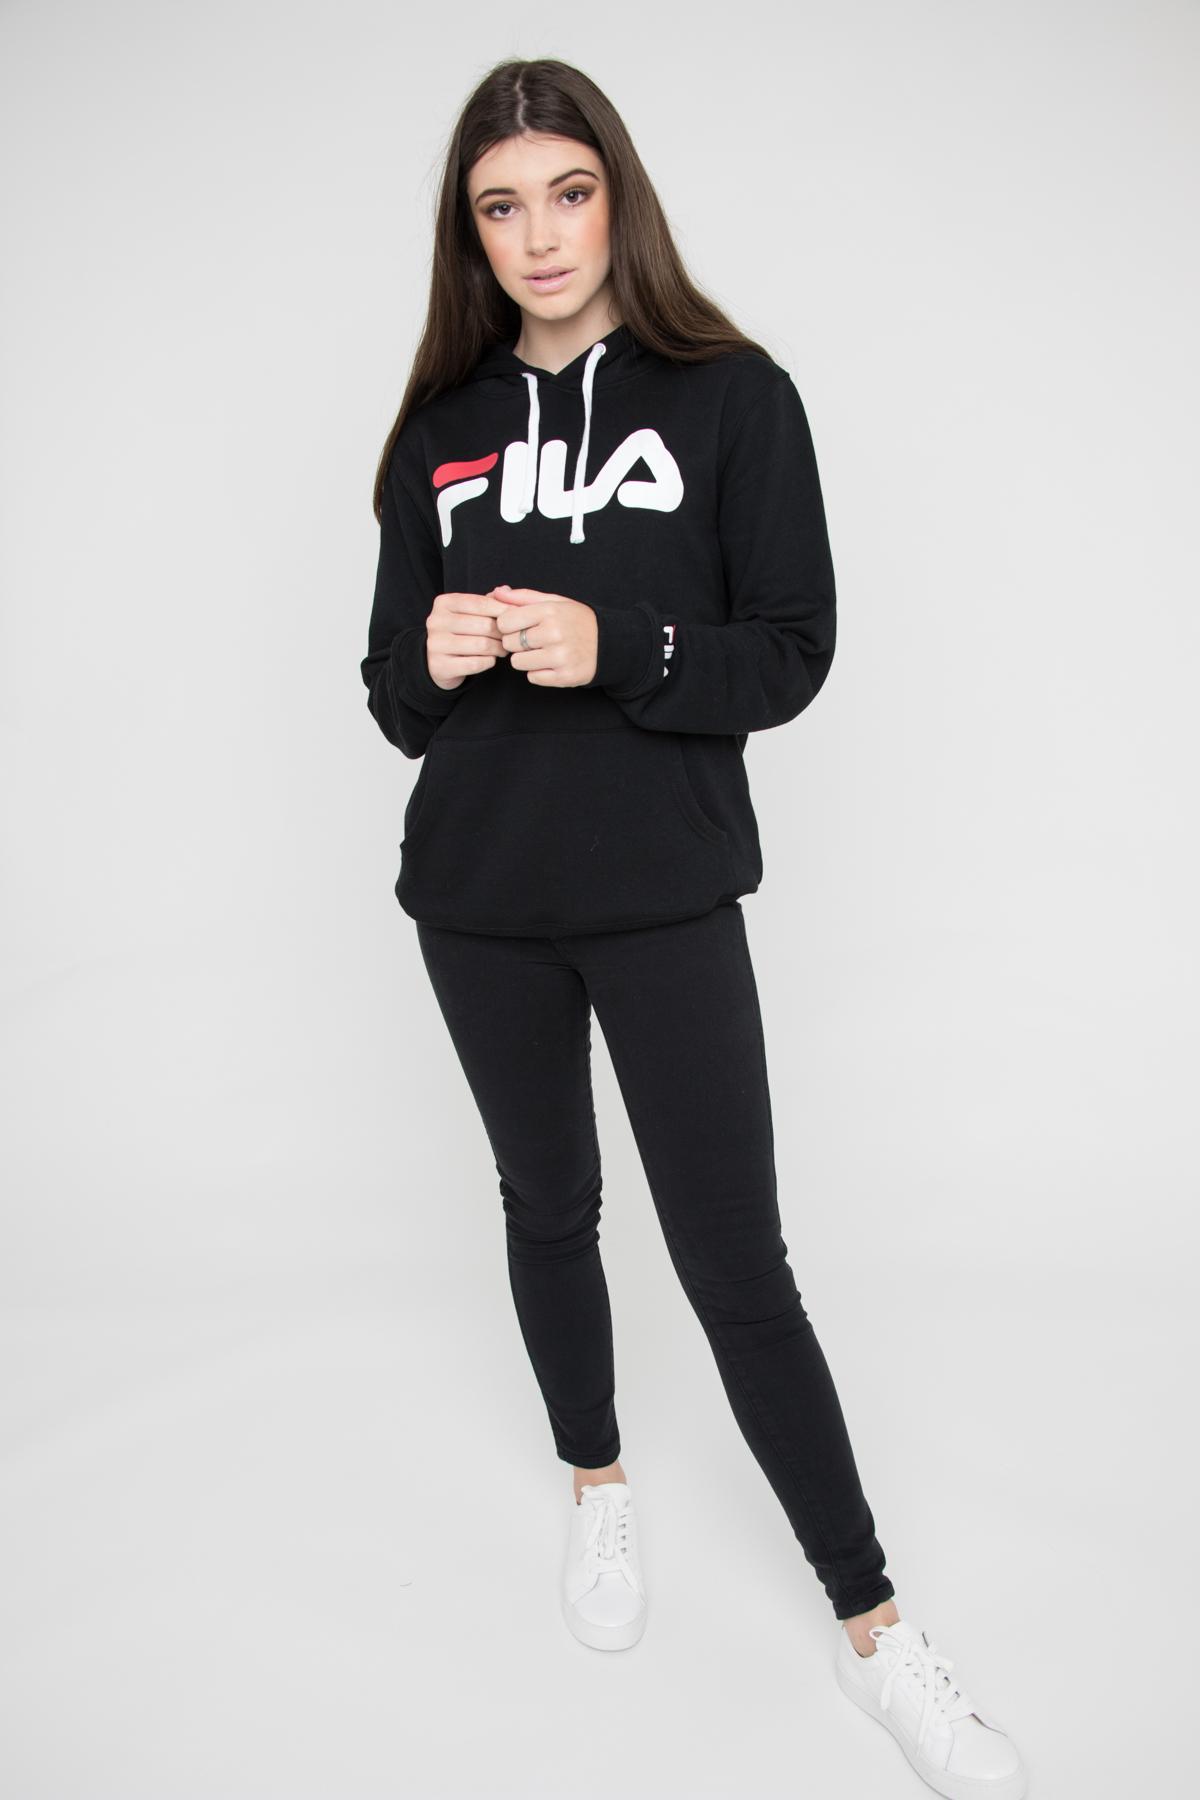 Fila - Heritage Hood - Black